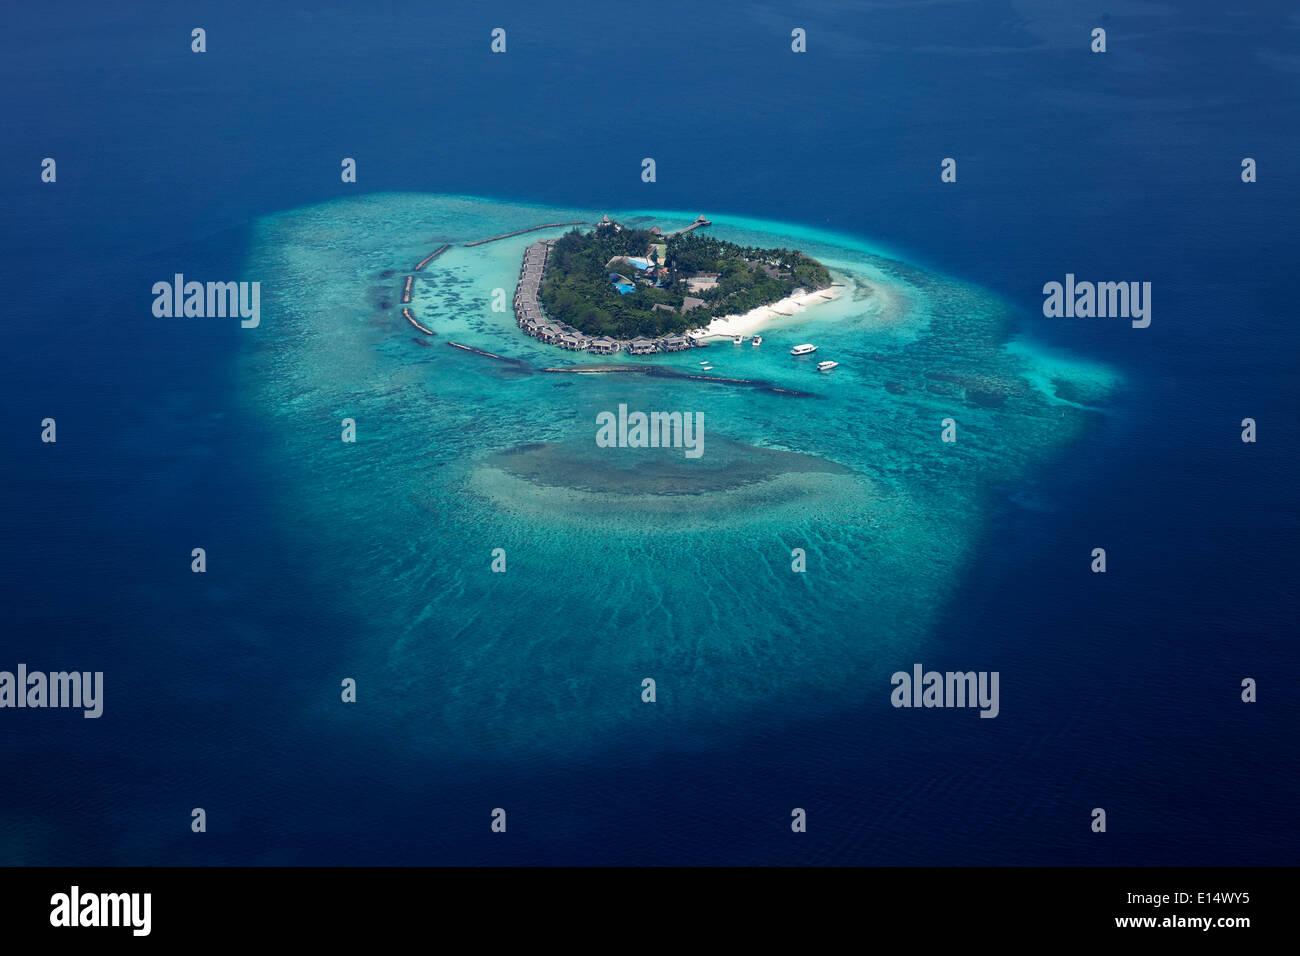 Vue aérienne, île de l'Océan Indien, les Maldives Photo Stock